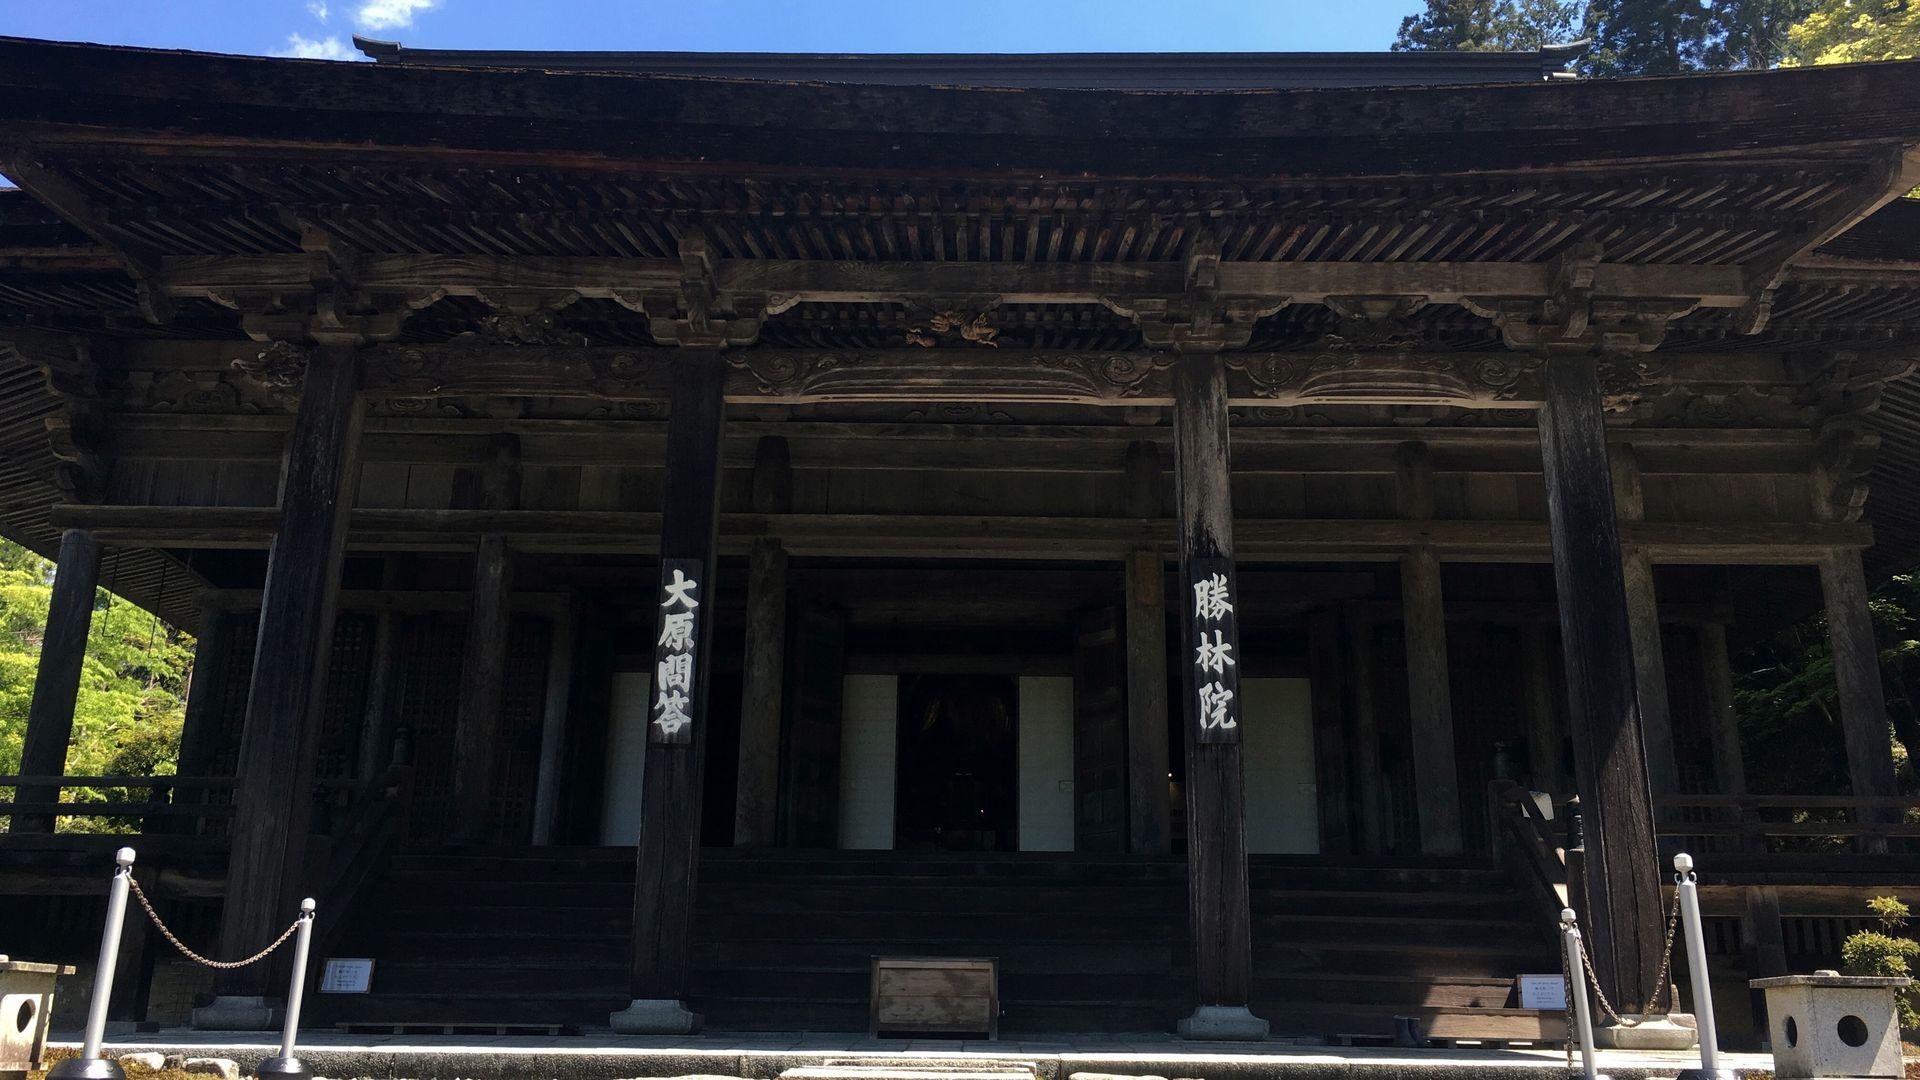 勝林院-本堂にかけられた「大原問答」の木札